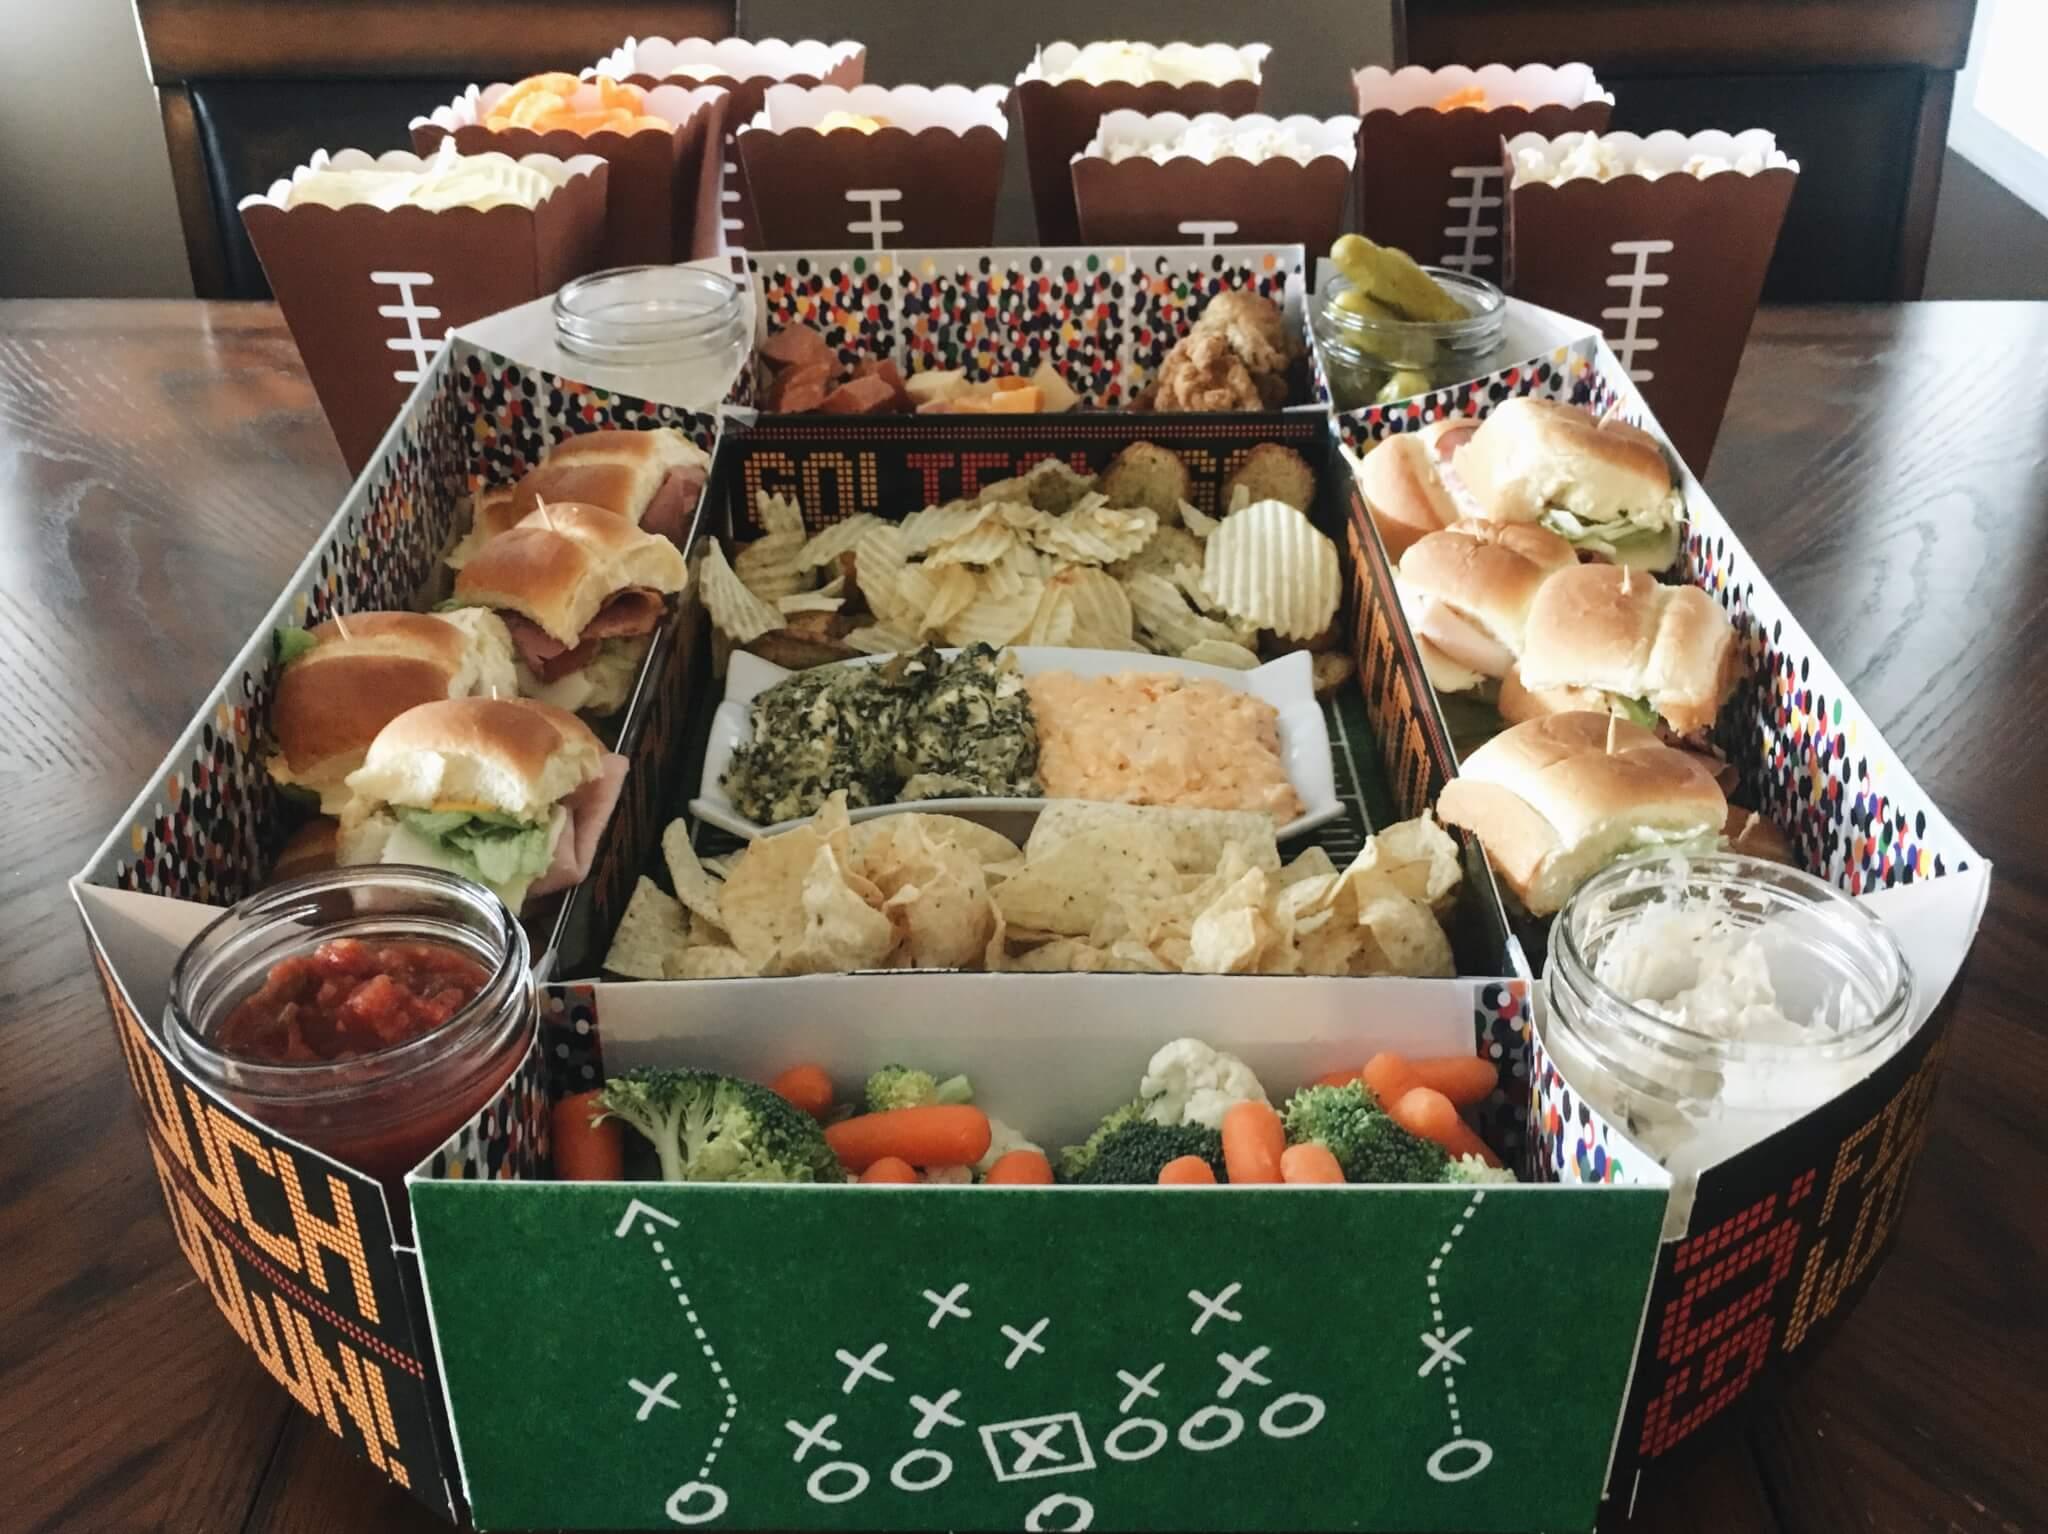 Super Bowl Snack Stadium Food